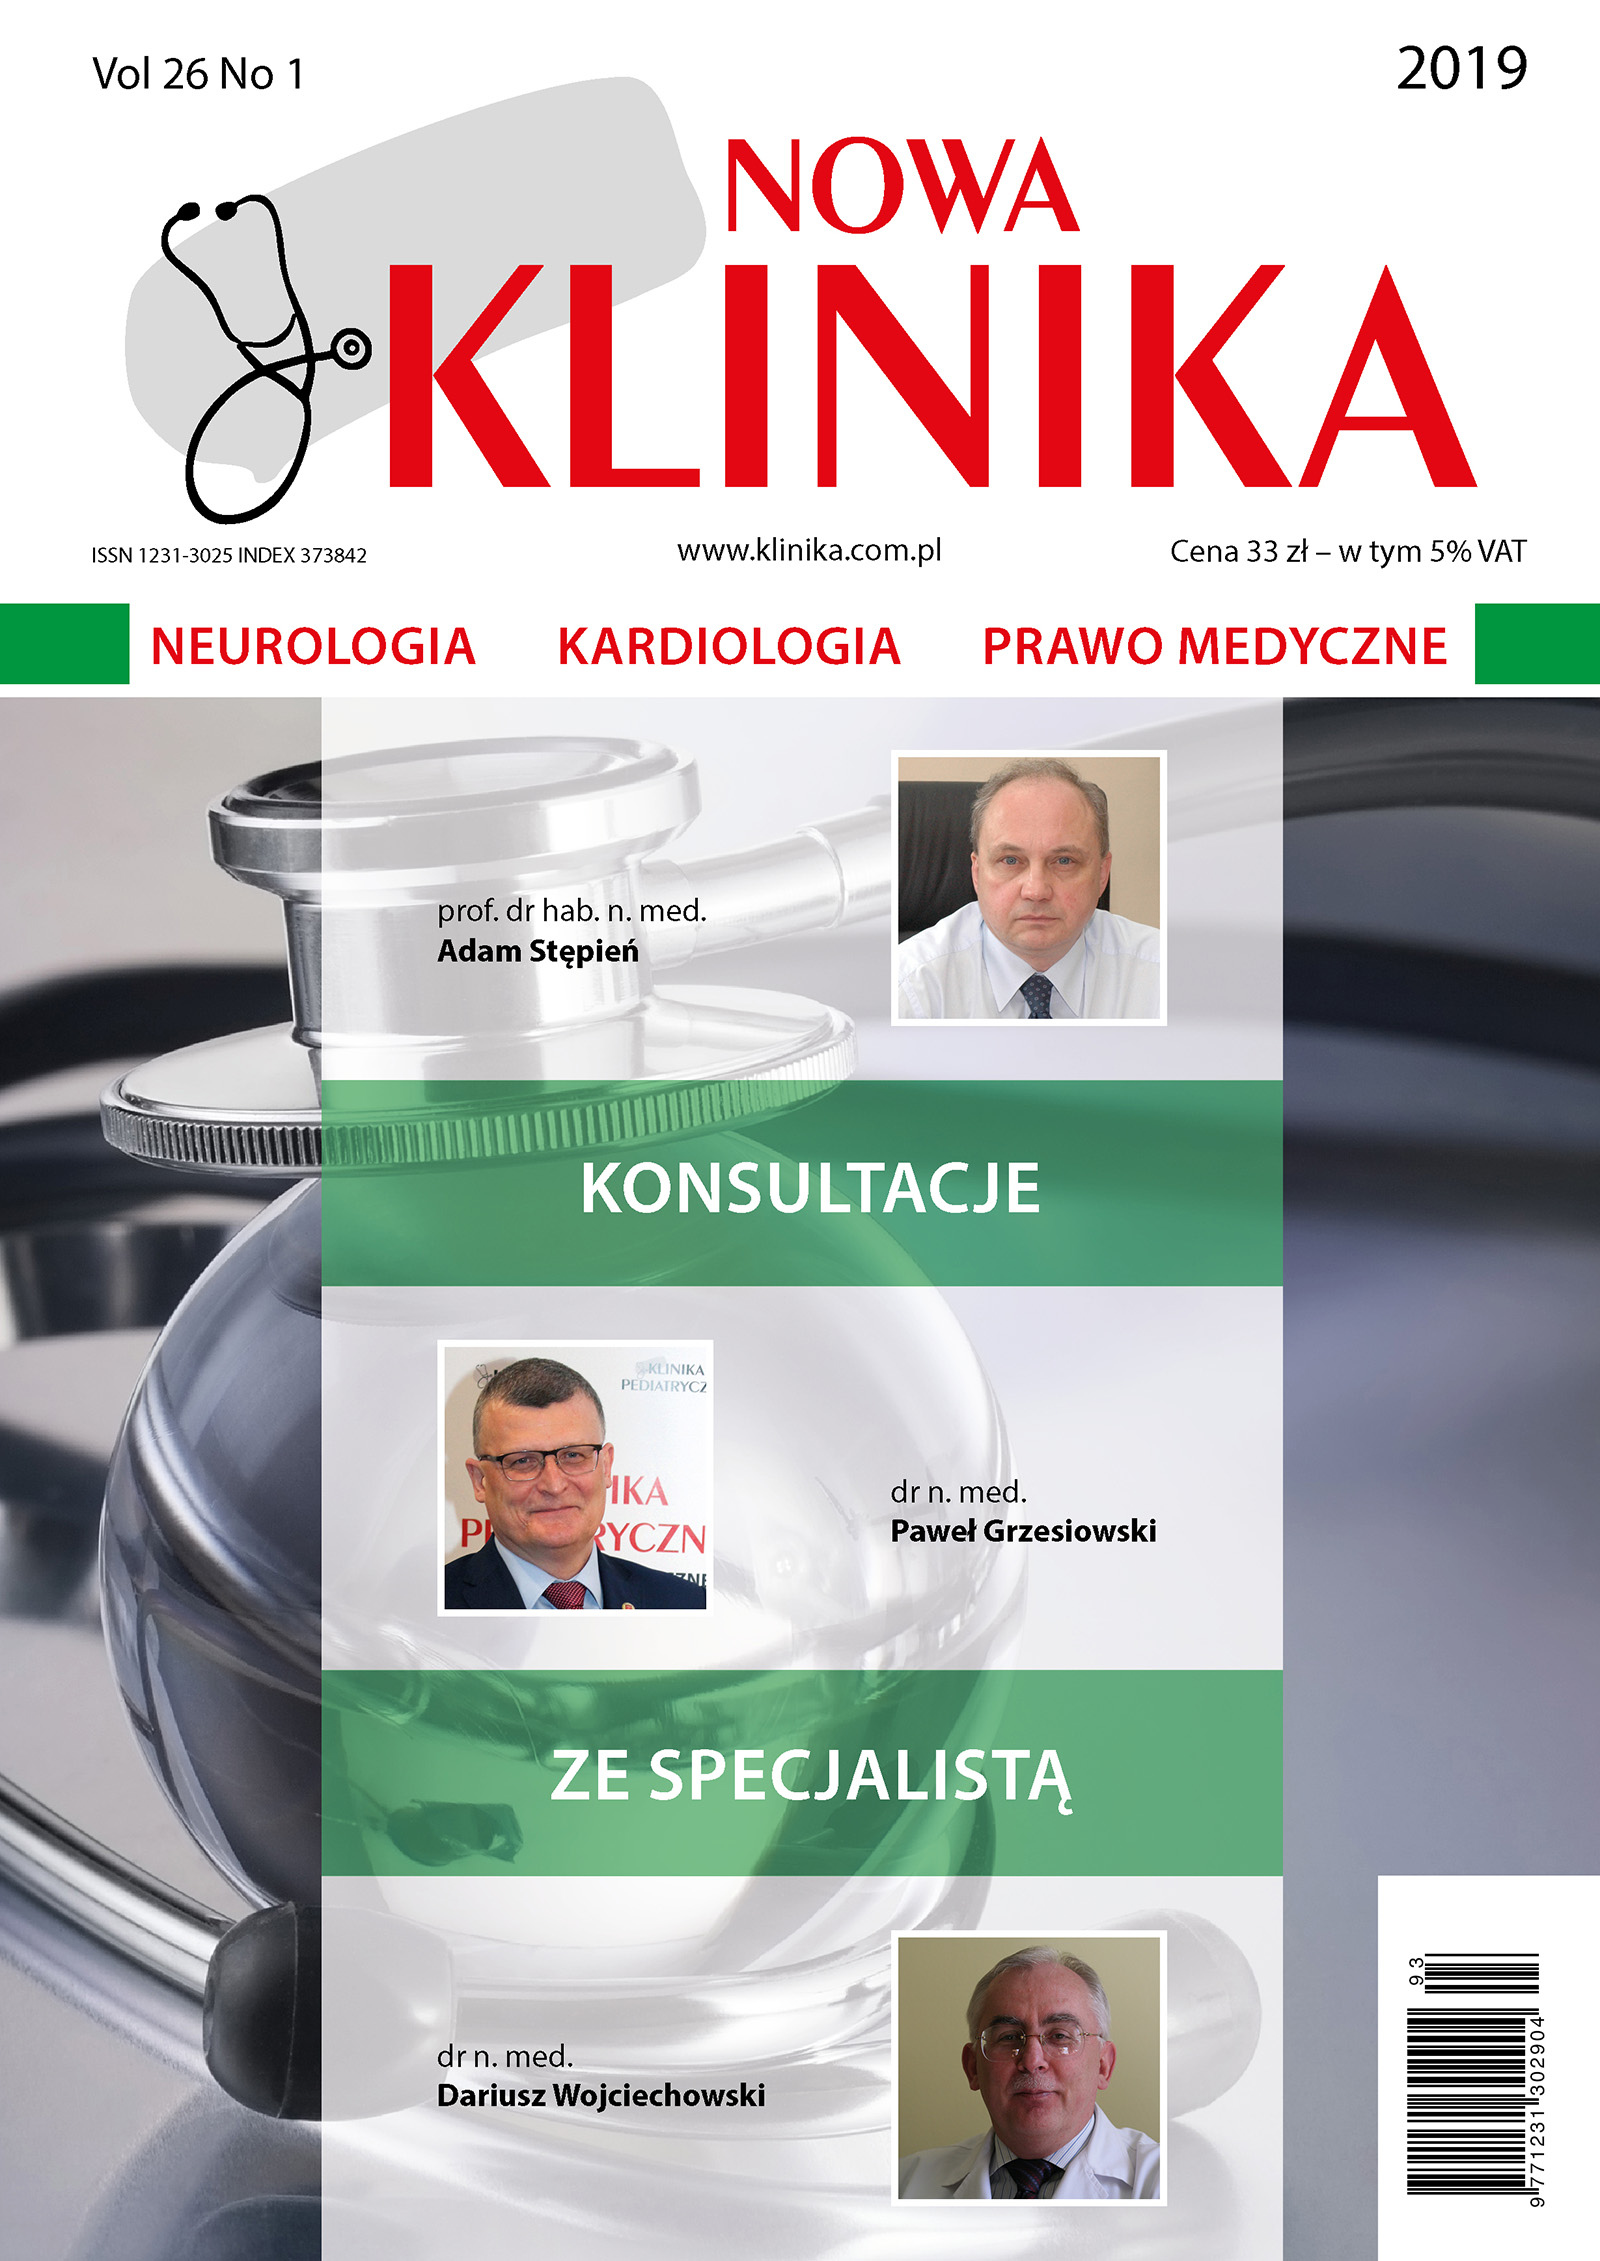 Klinika Nowa 1/2019 - Neurologia, Kardiologia, Prawo Medyczne